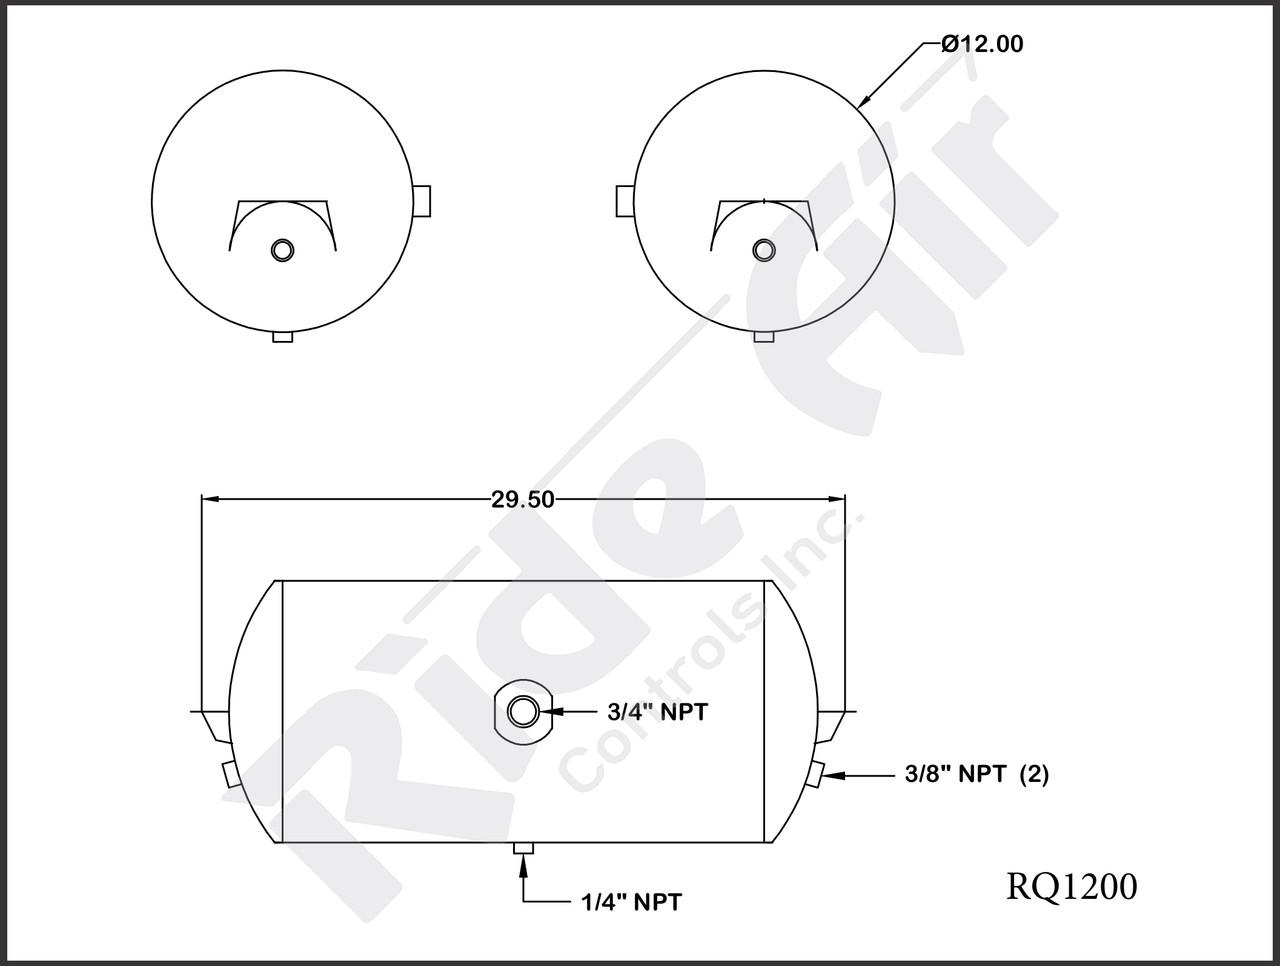 RQA1200 - Aluminum Air Tank 12 x 29.5 1 Port (RQA1200)